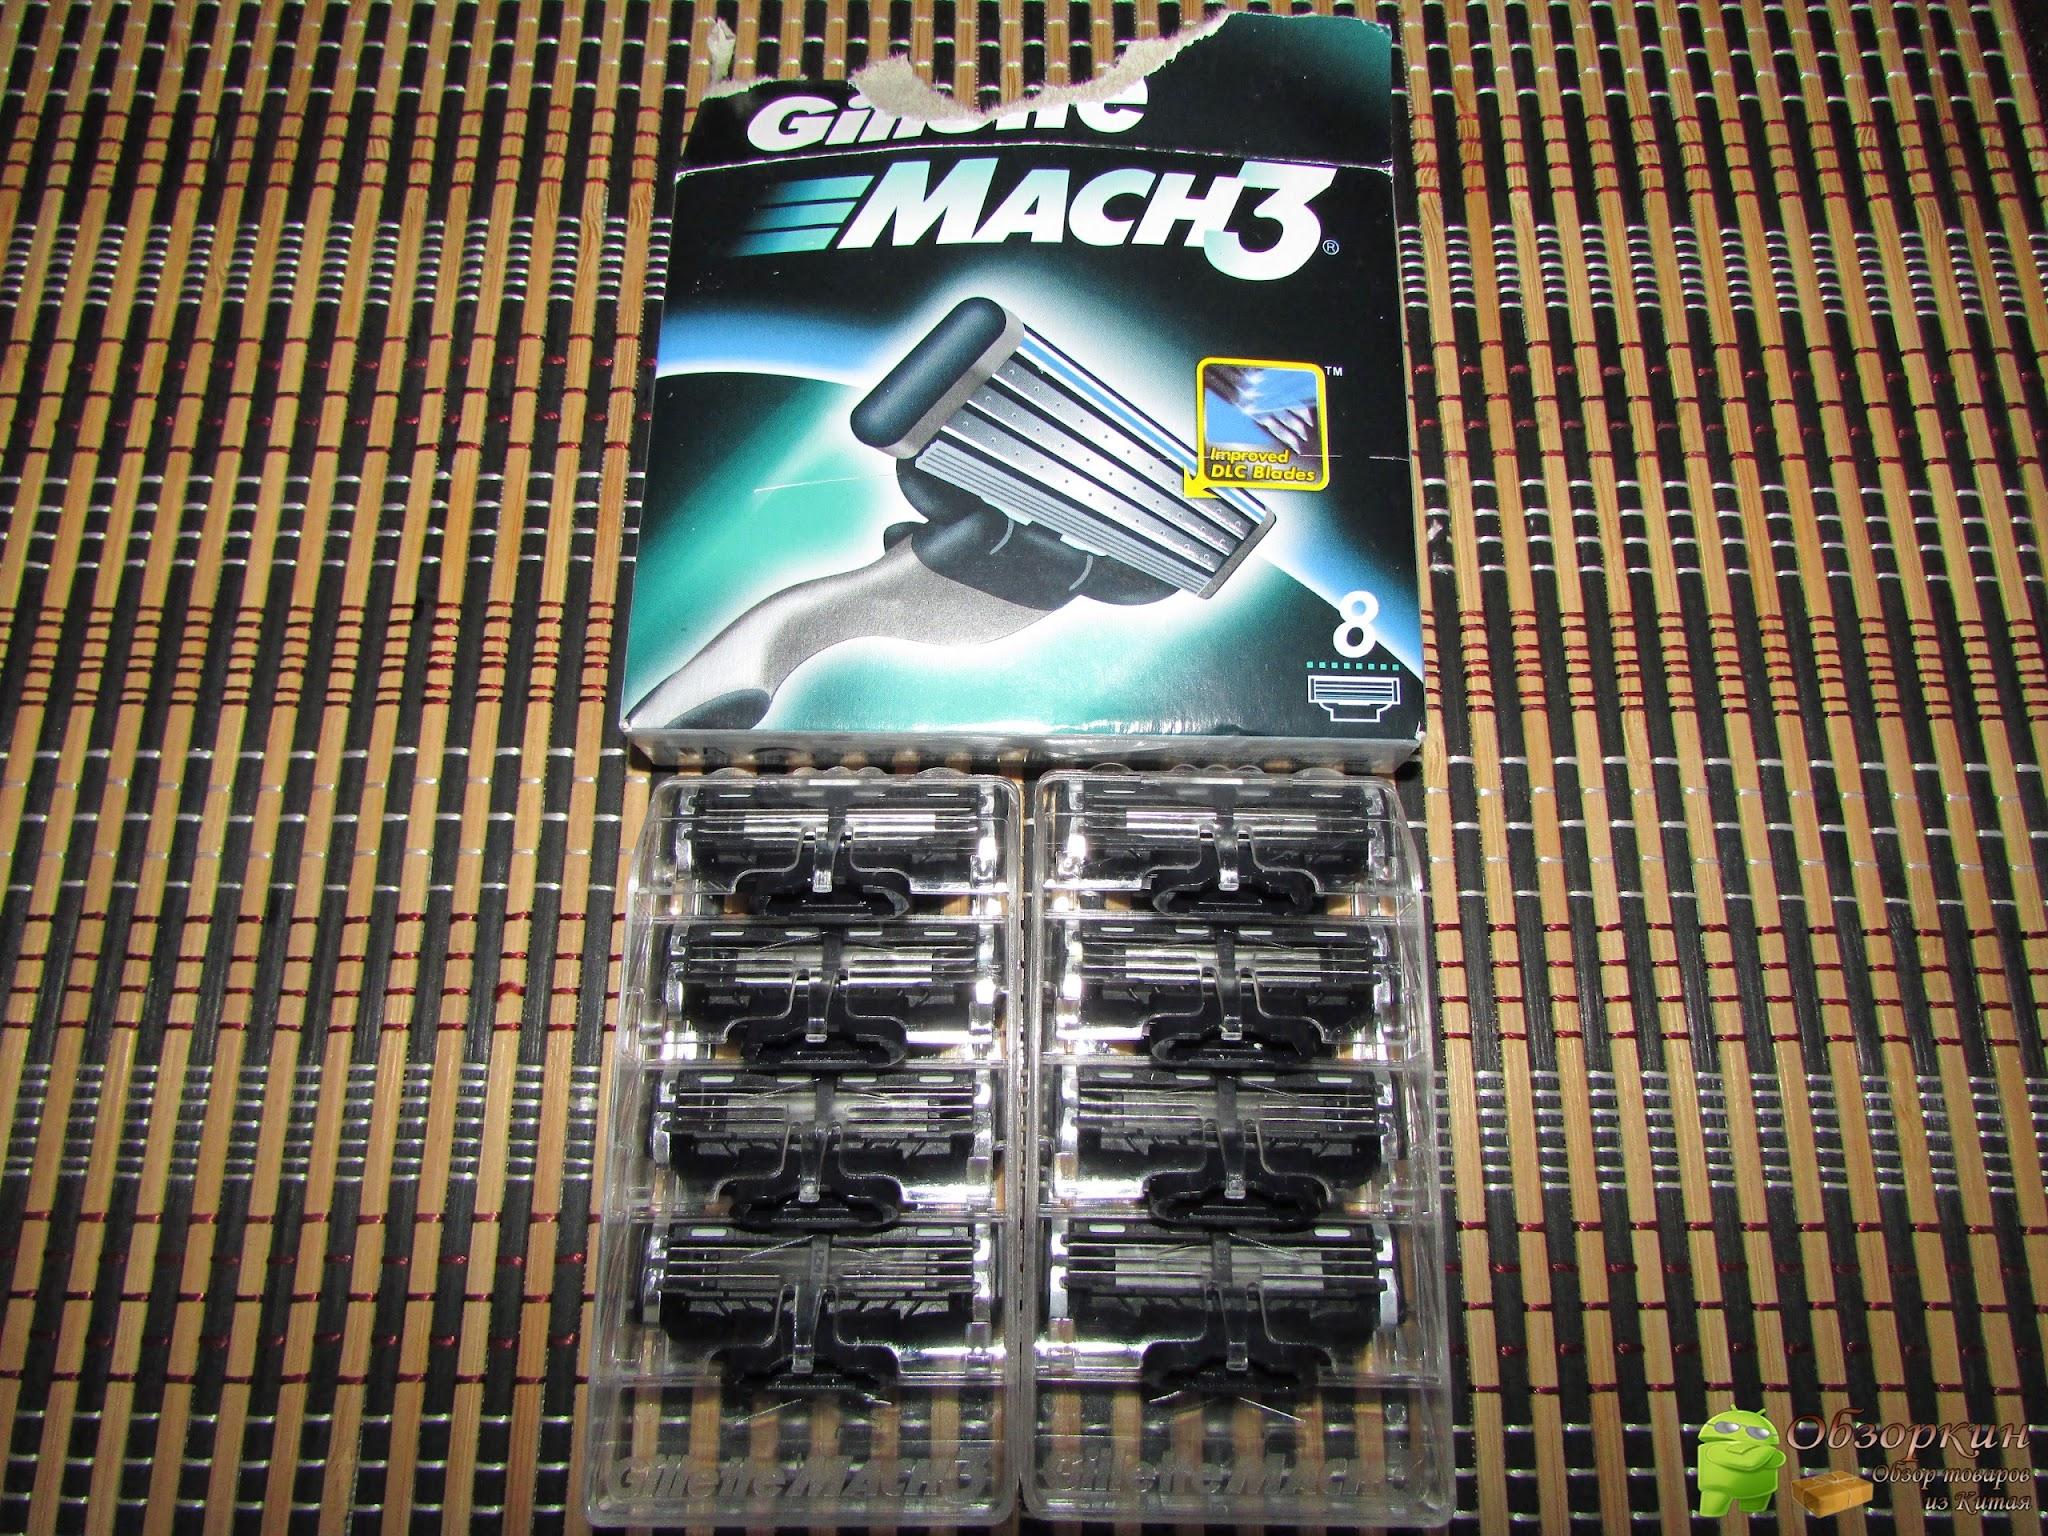 Игровая компьютерная мышь, лезвия для бритвы Gillette Mach3. Посылка из Китая. Aliexpress